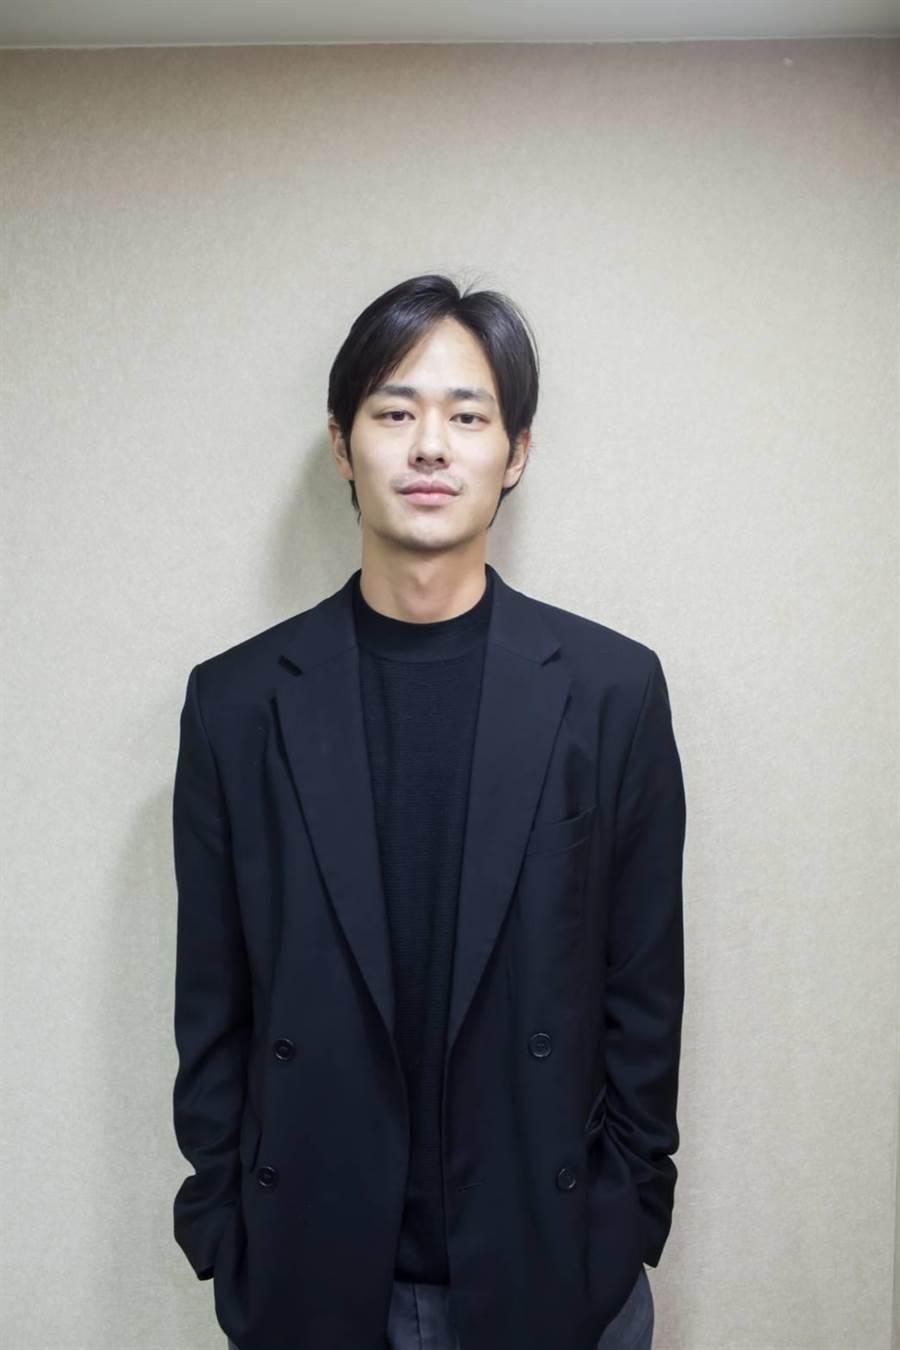 夏腾宏将在新片中化身黑帮小弟。